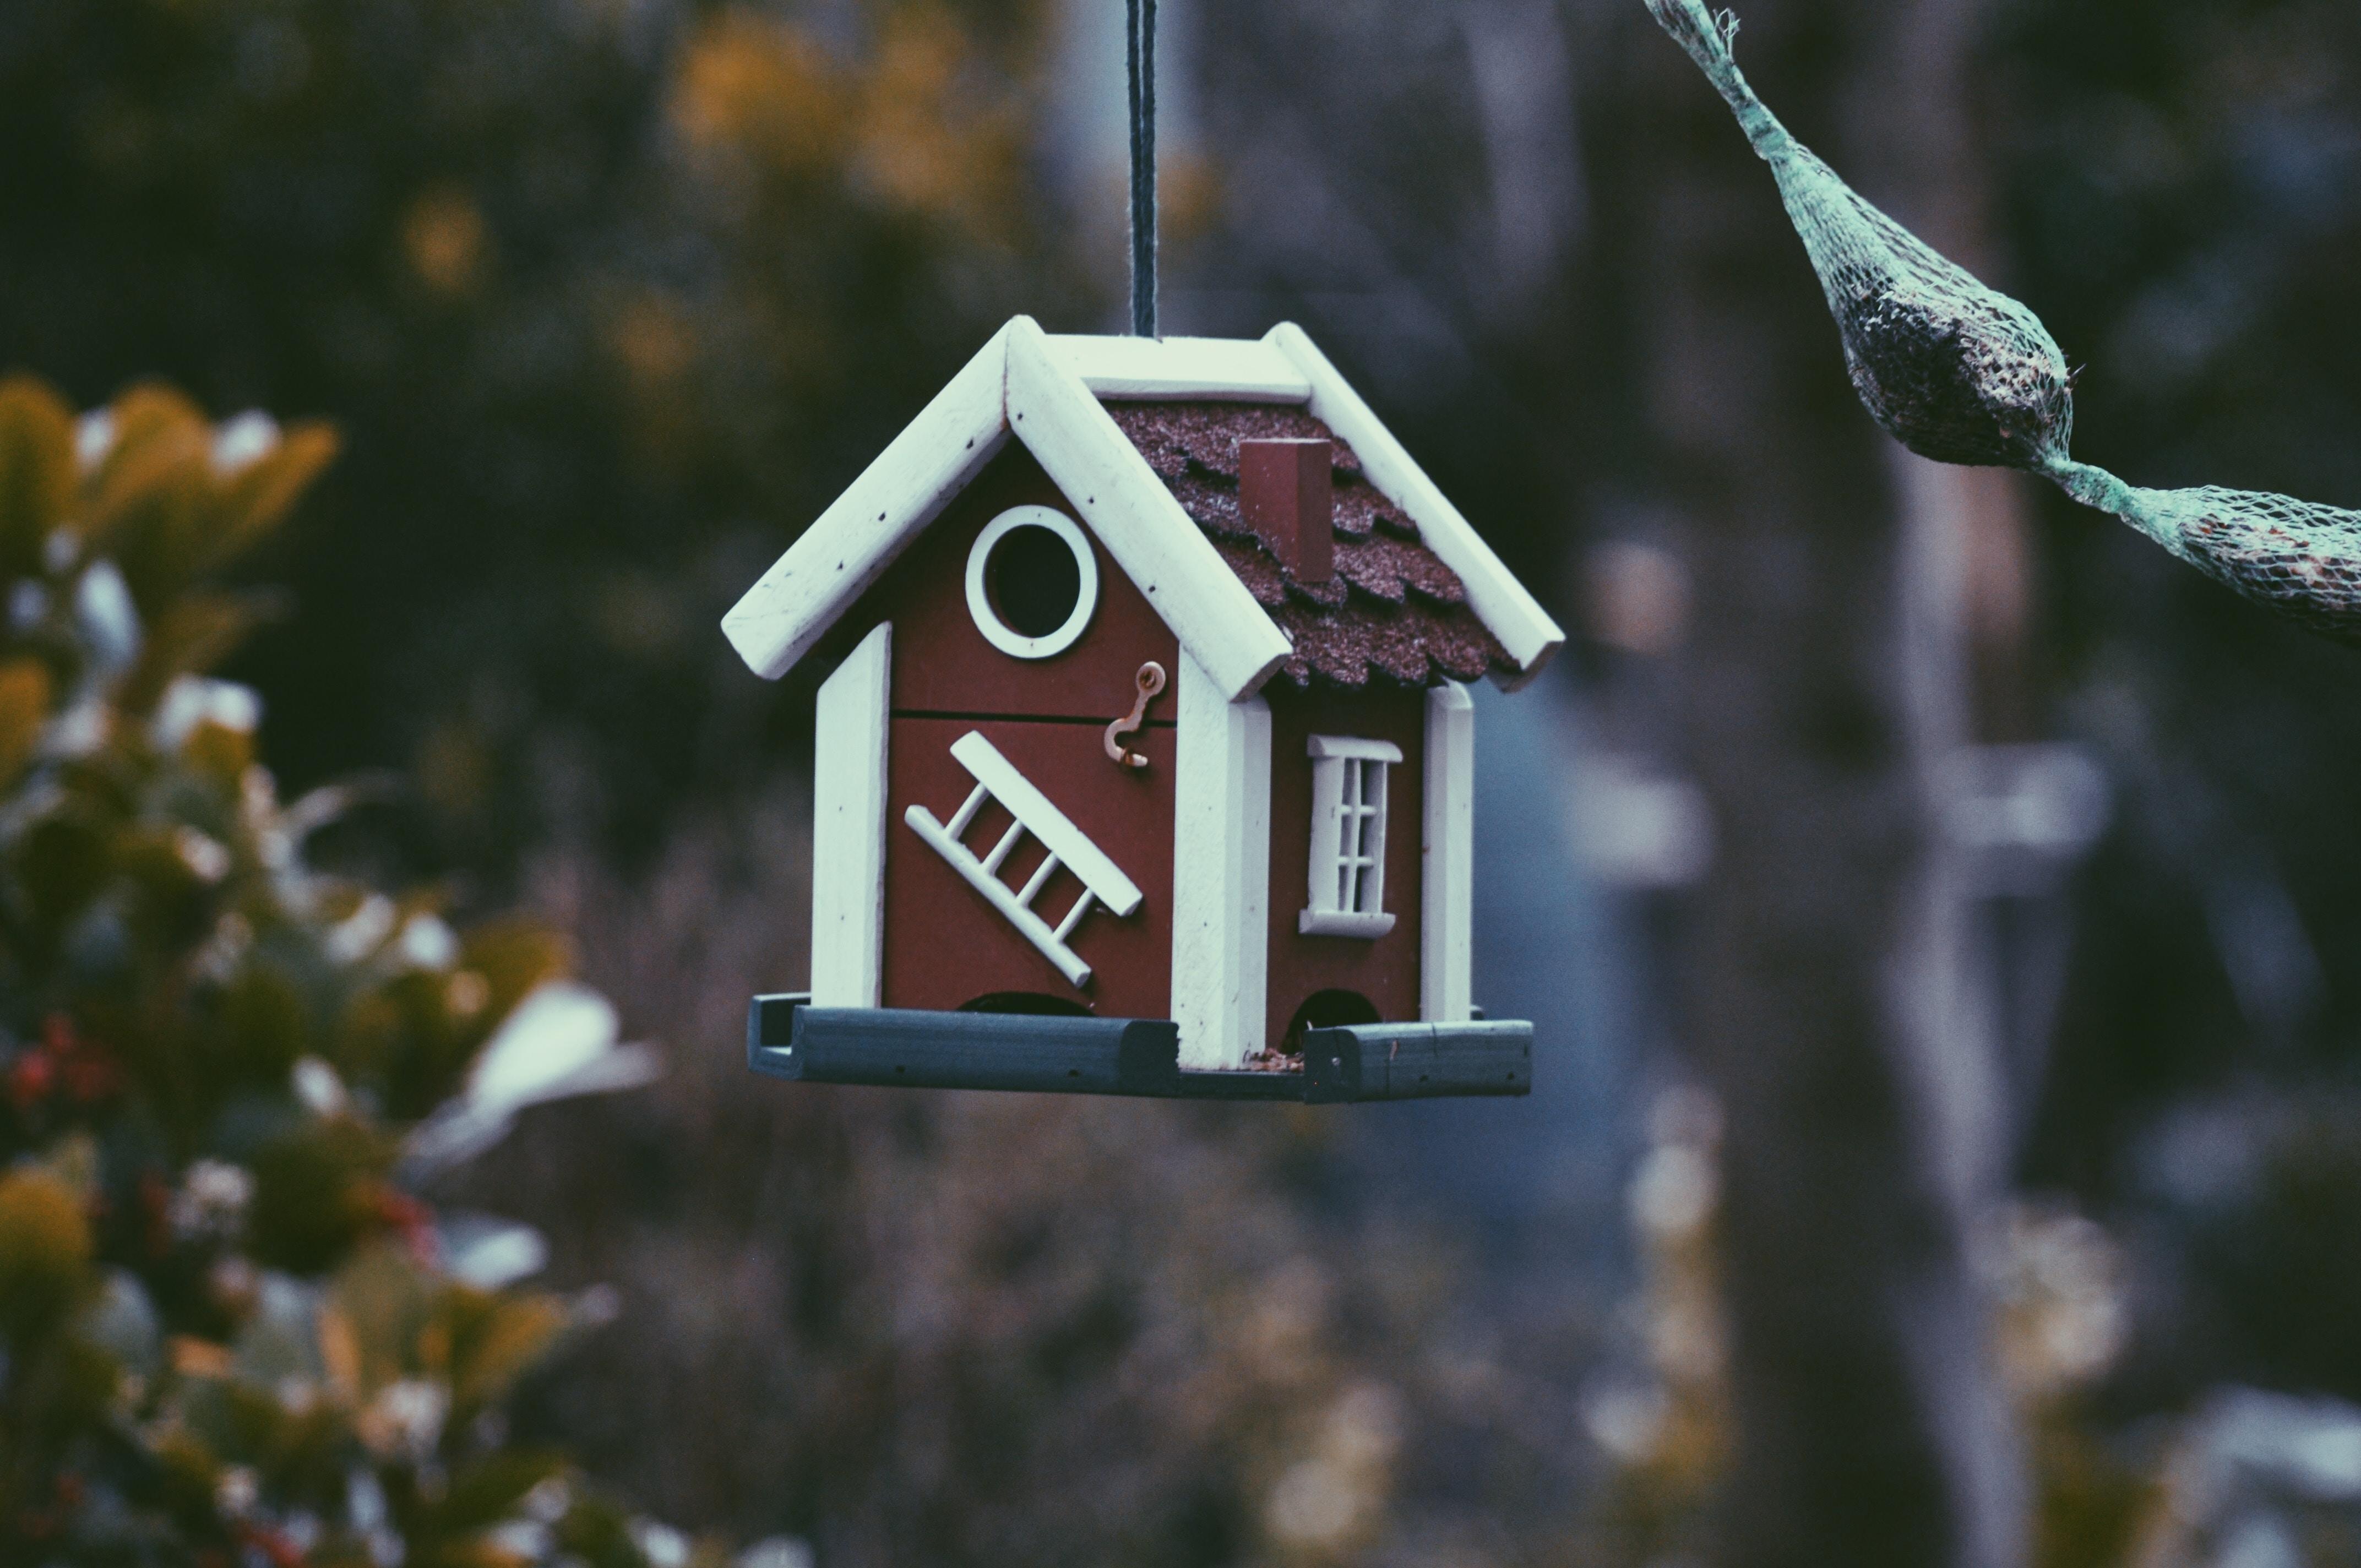 Comment faire la comptabilité d'une SCI (Société Civile Immobilière) ?